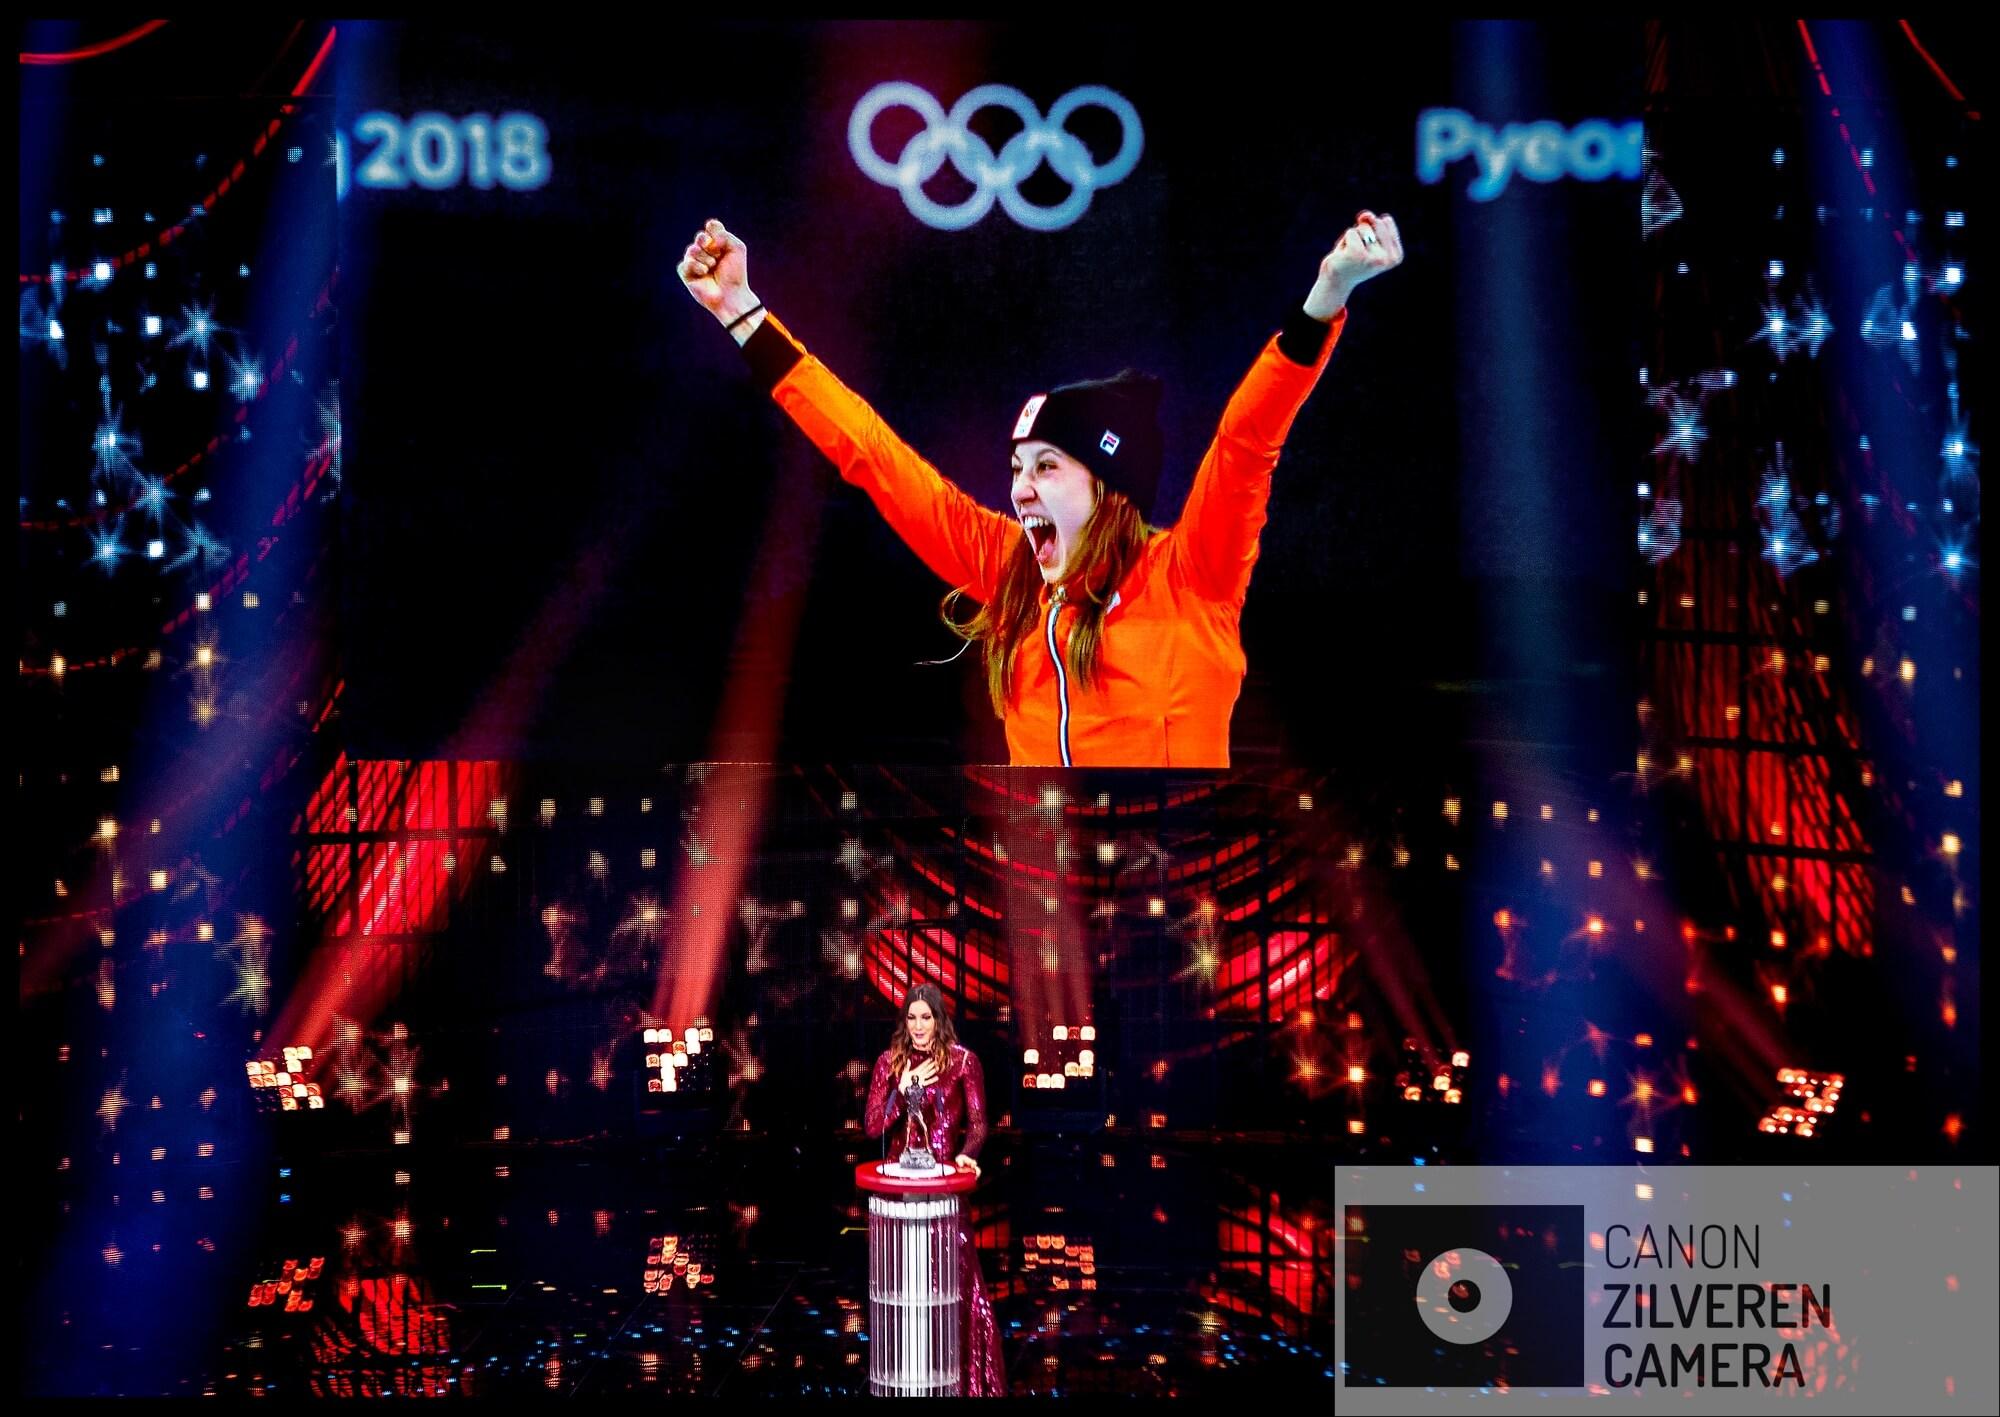 Serie Suzanne Schulting; Van Olympische val tot Sportvrouw van het Jaar. Amsterdam, 19-12-2018FOTO 11Suzanne Schulting kan het niet geloven dat zij is uitgeroepen tot Sportvrouw van het Jaar. Op het podium zoekt in haar rode avondjurk naar de geschikte dankwoorden voor haar coach terwijl op het grote video-scherm =het beeld te zien is van haar vreugde-uitbarsting bij de prijs-uitreiking.